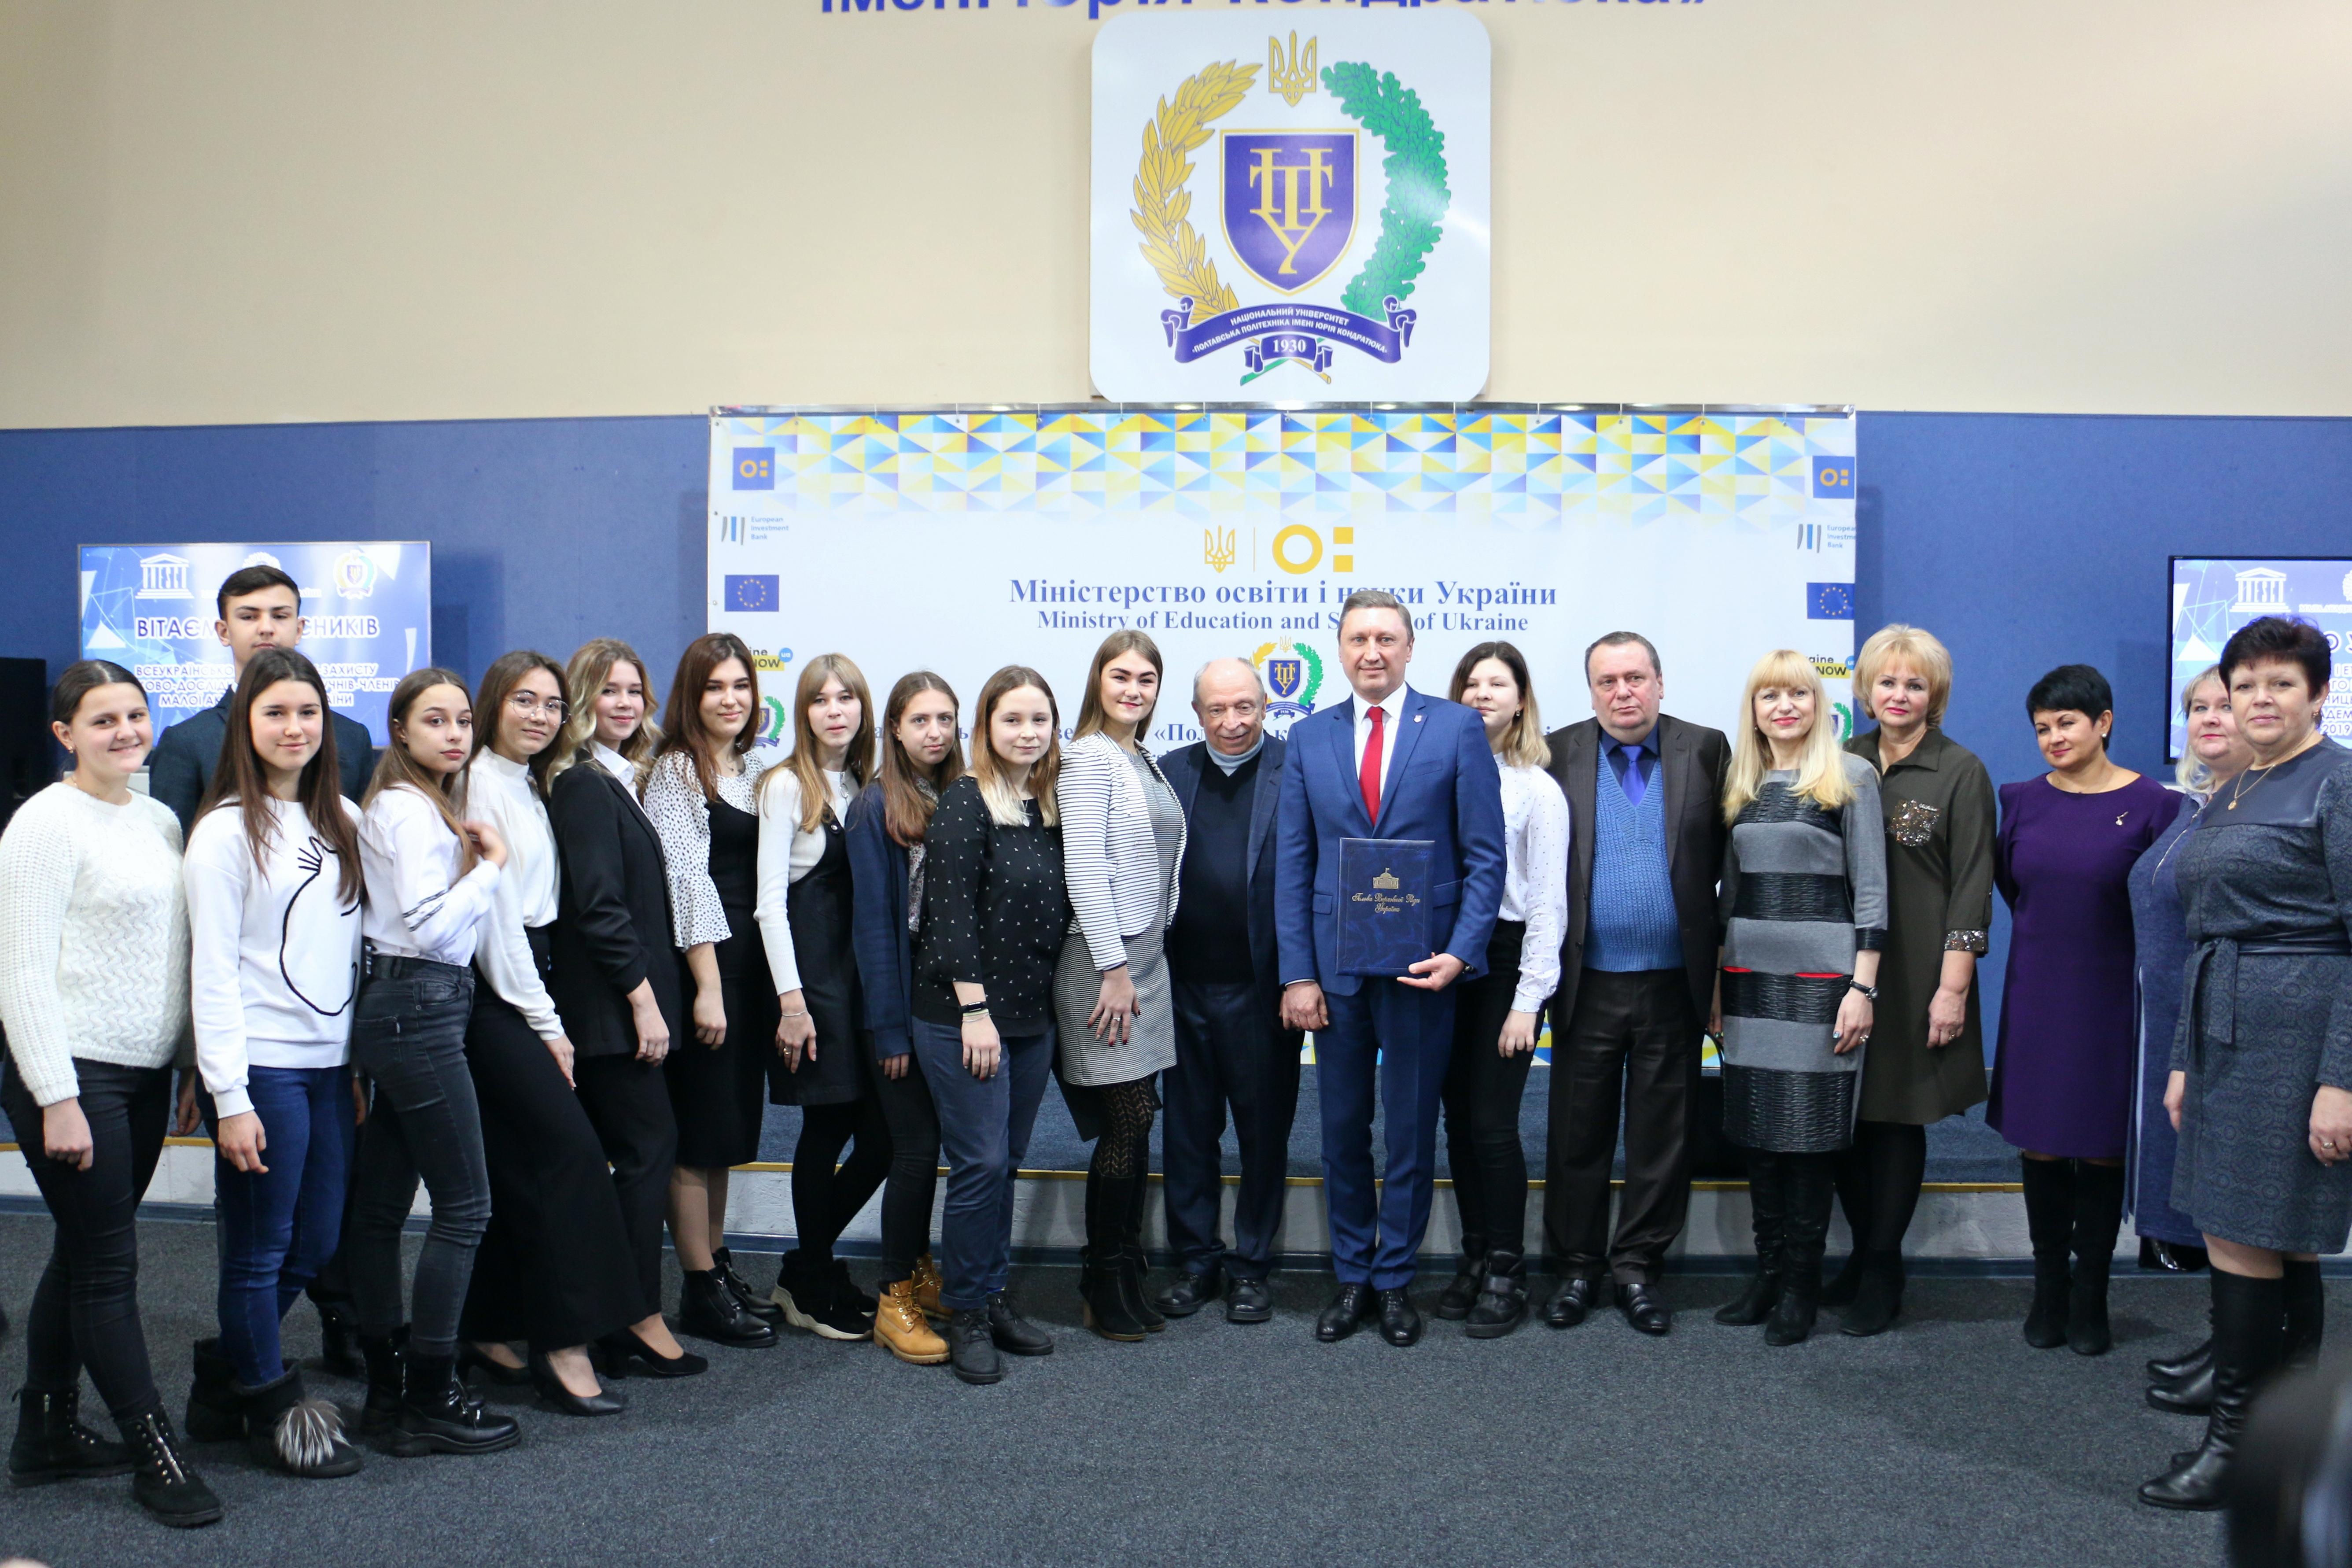 Президент Малої академії наук України відкрив у Полтаві перший етап конкурсу-захисту наукових робіт